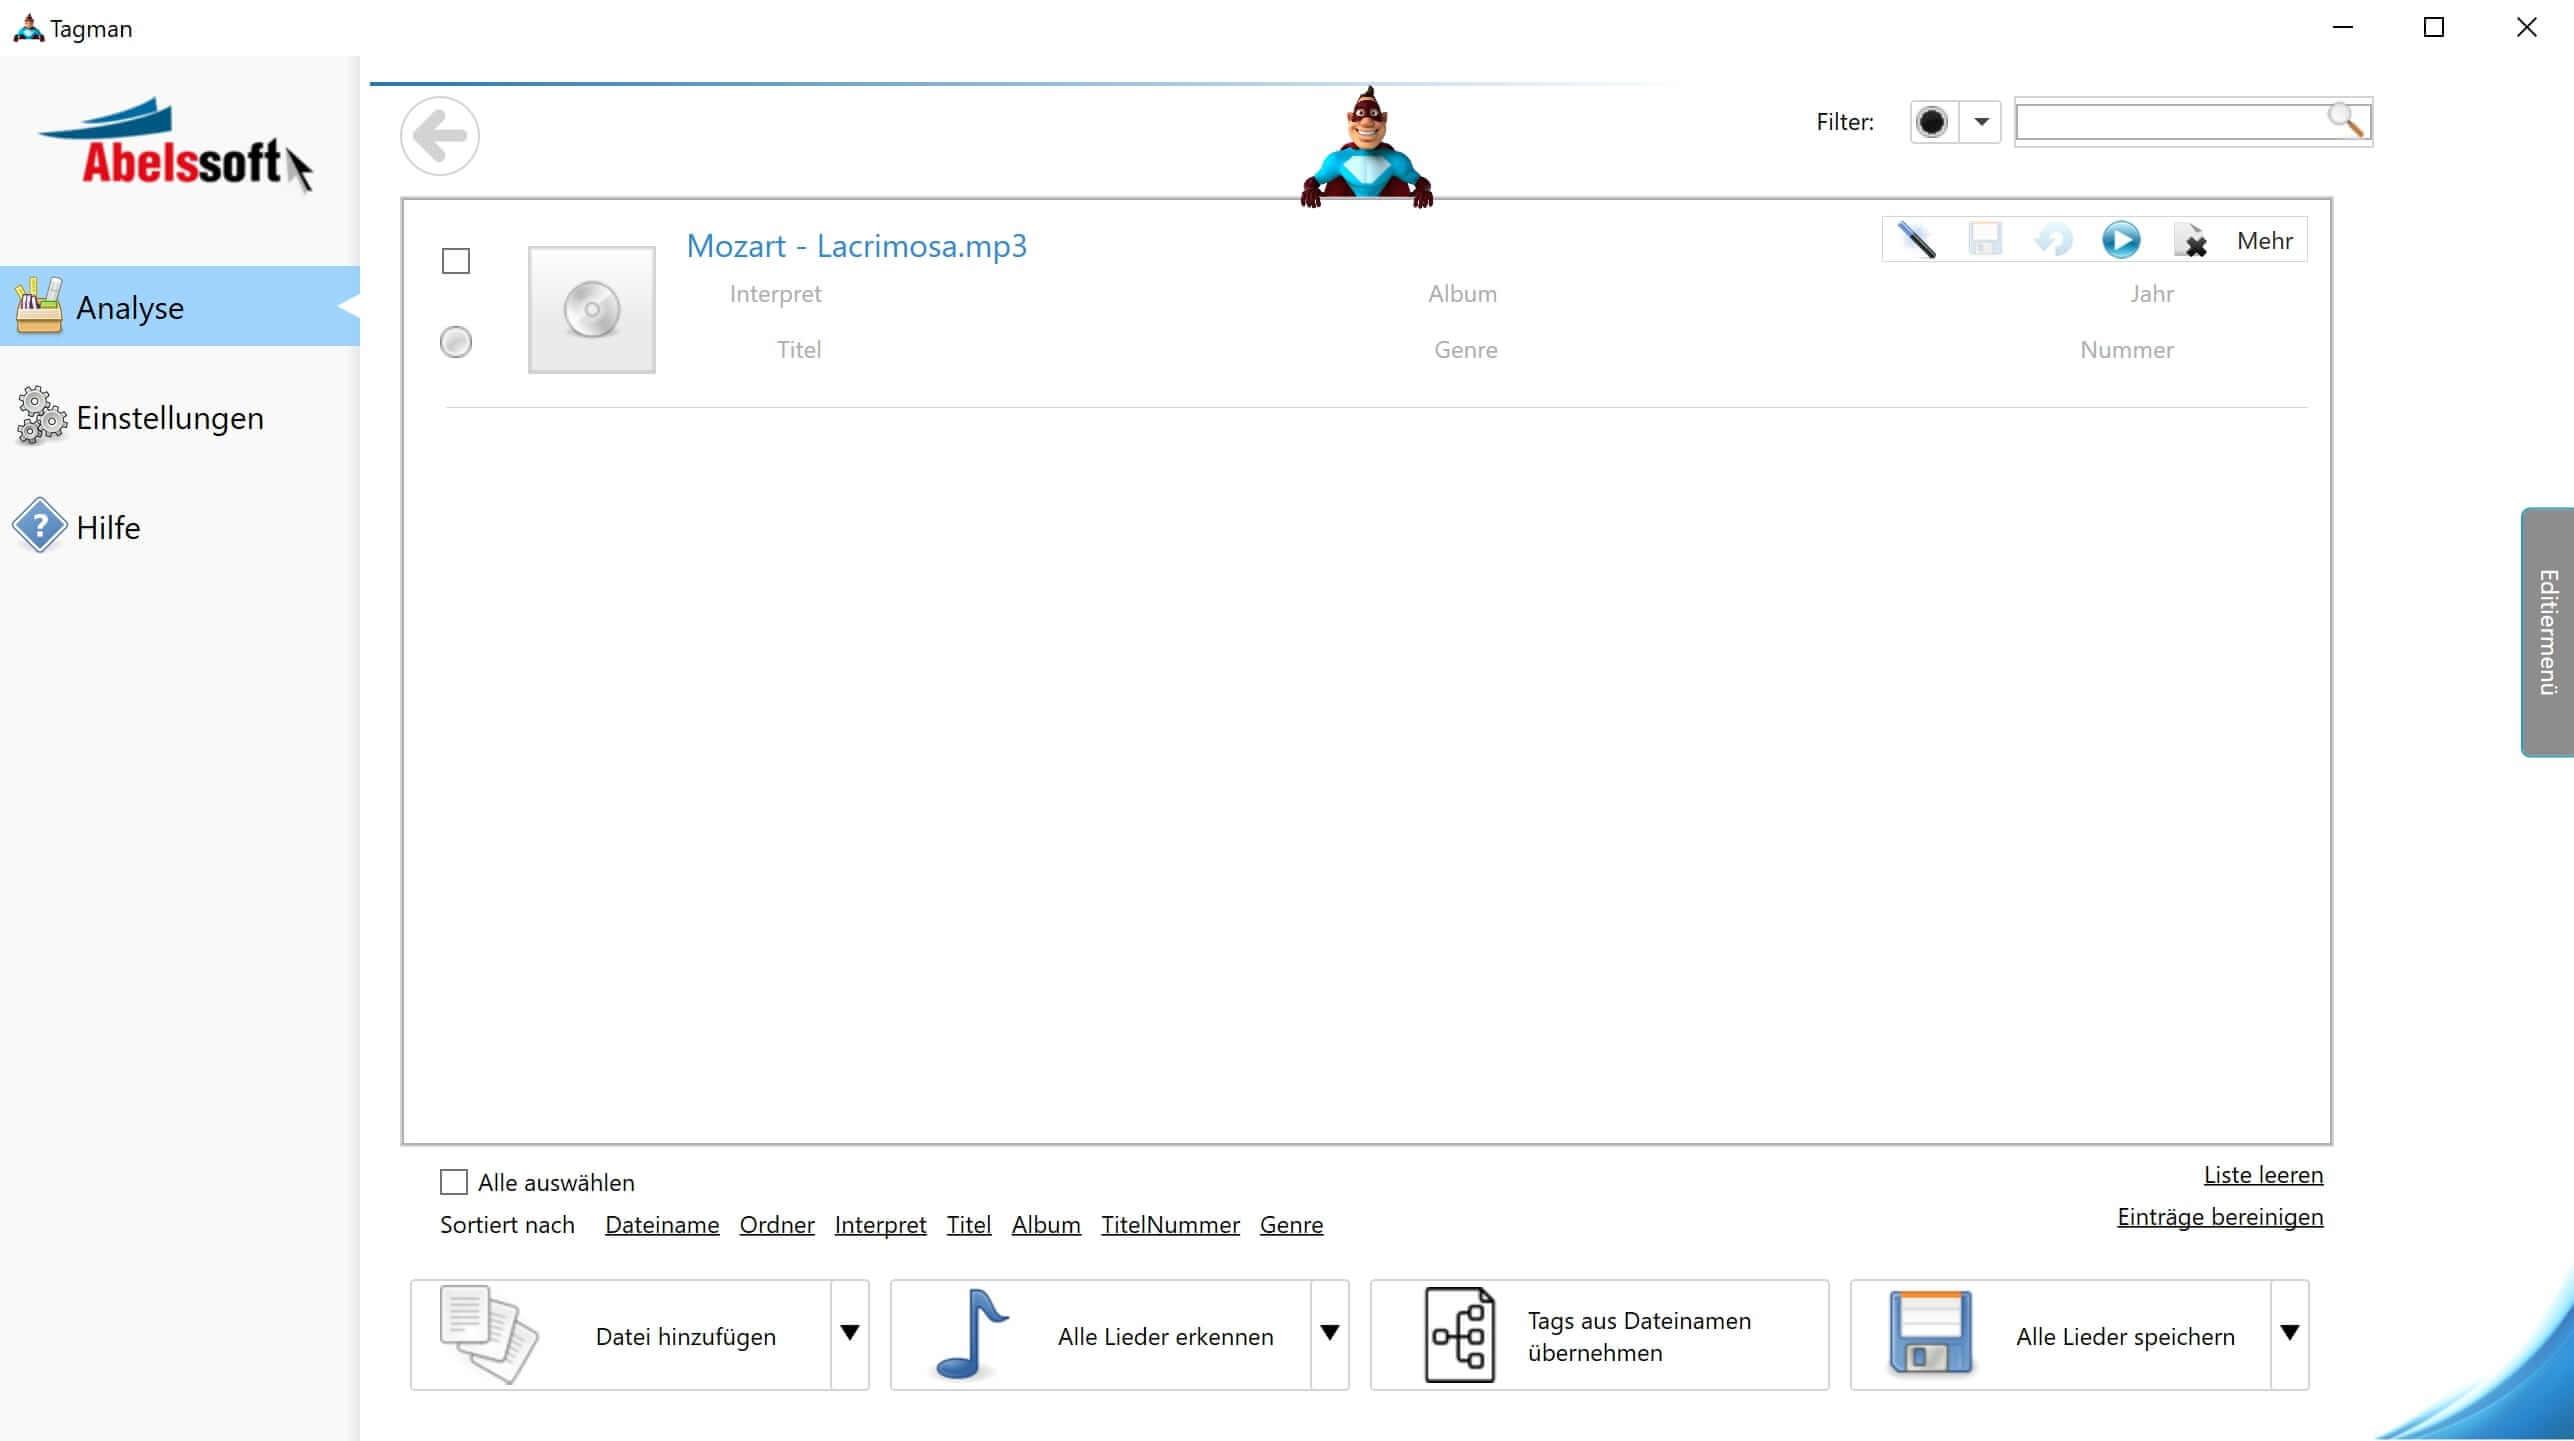 MP3 Interpret und Titel bearbeiten - ID3 Tags bearbeiten